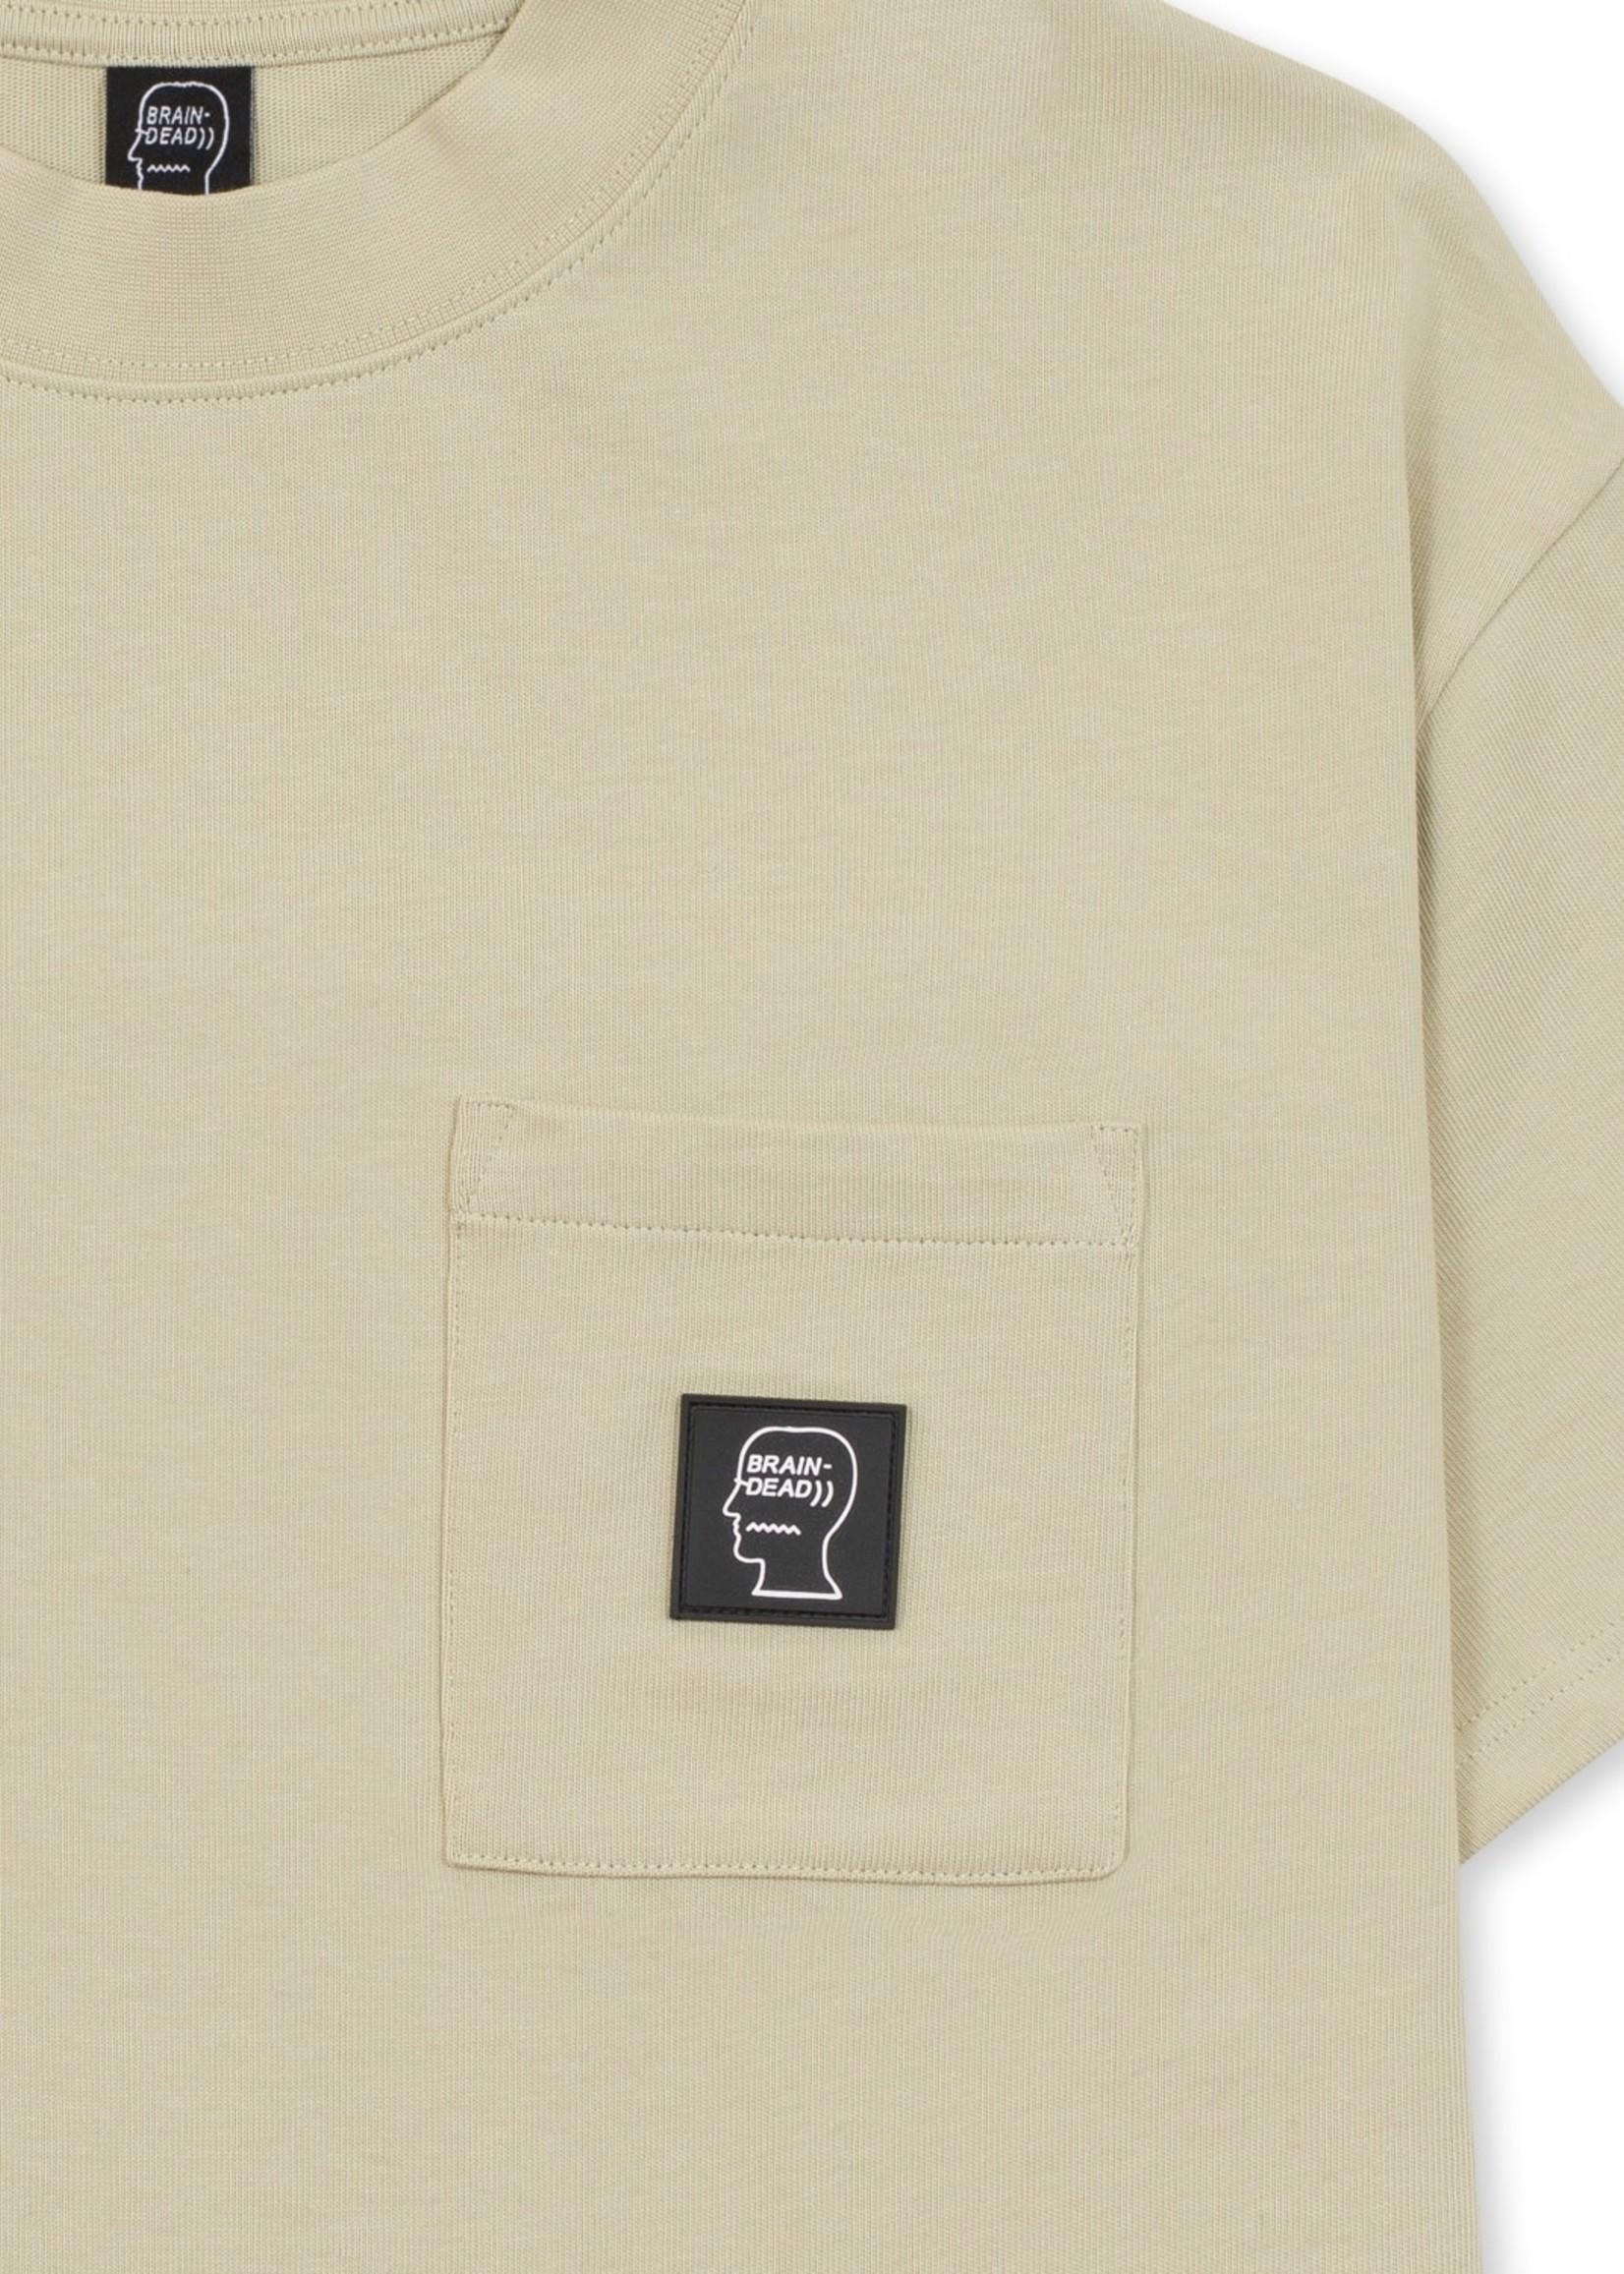 Brain Dead Mock Neck Heavyweight Pocket T-shirt in Tan